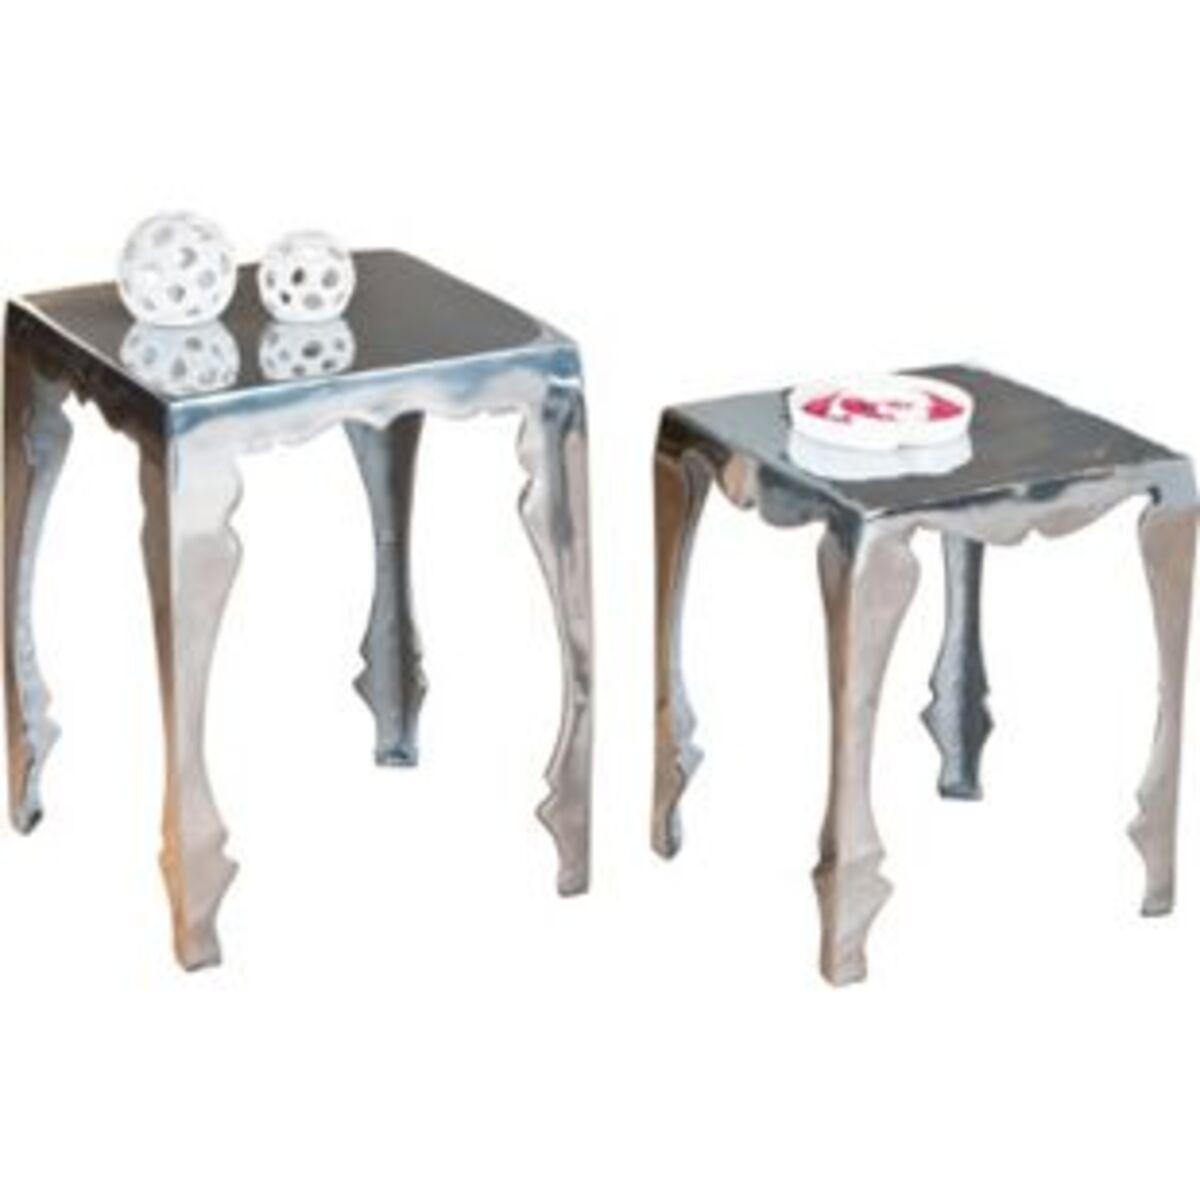 Bild 2 von Inter Link Beistelltisch-Set Solta Aluminium